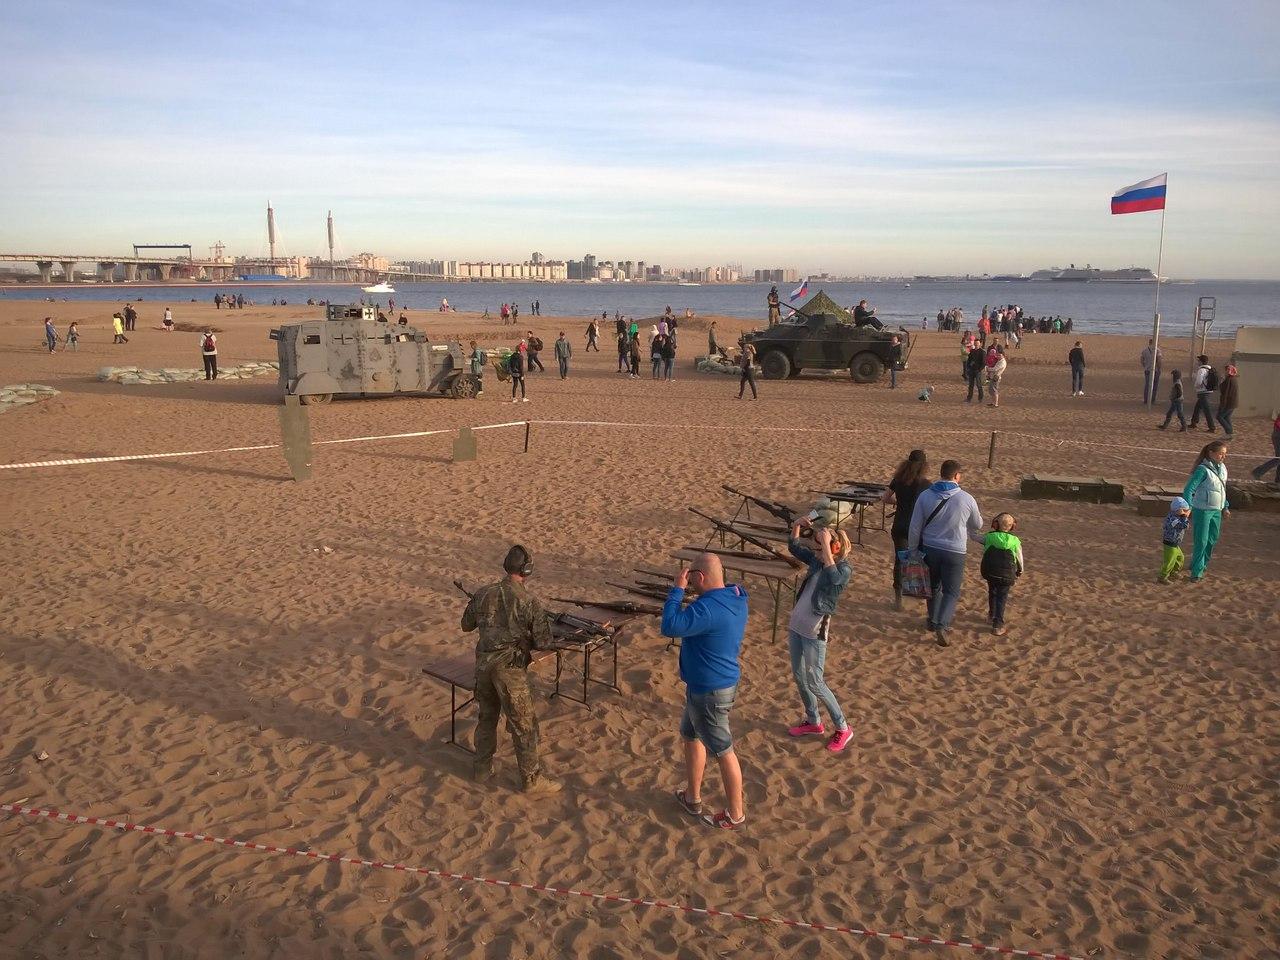 Пляж в Парке 300-летия Санкт-Петербурга. Автор фото:Артем Каплеев